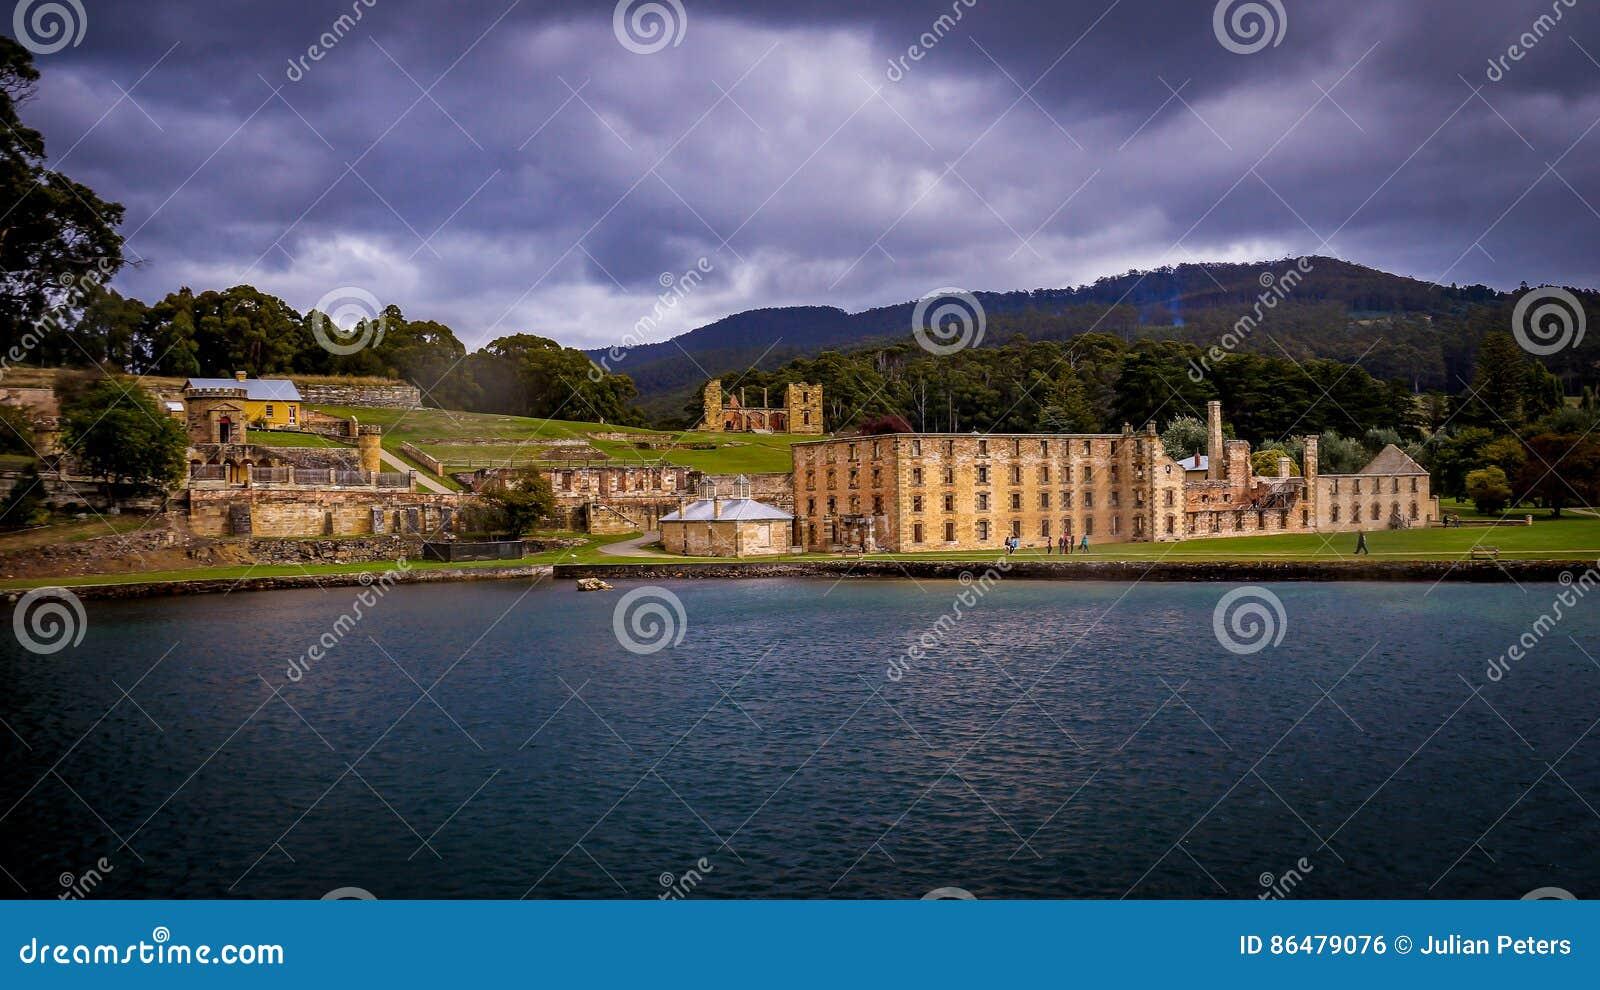 Historische Strafgefangene-Strukturen im Port Arthur, Tasmanien, Australien